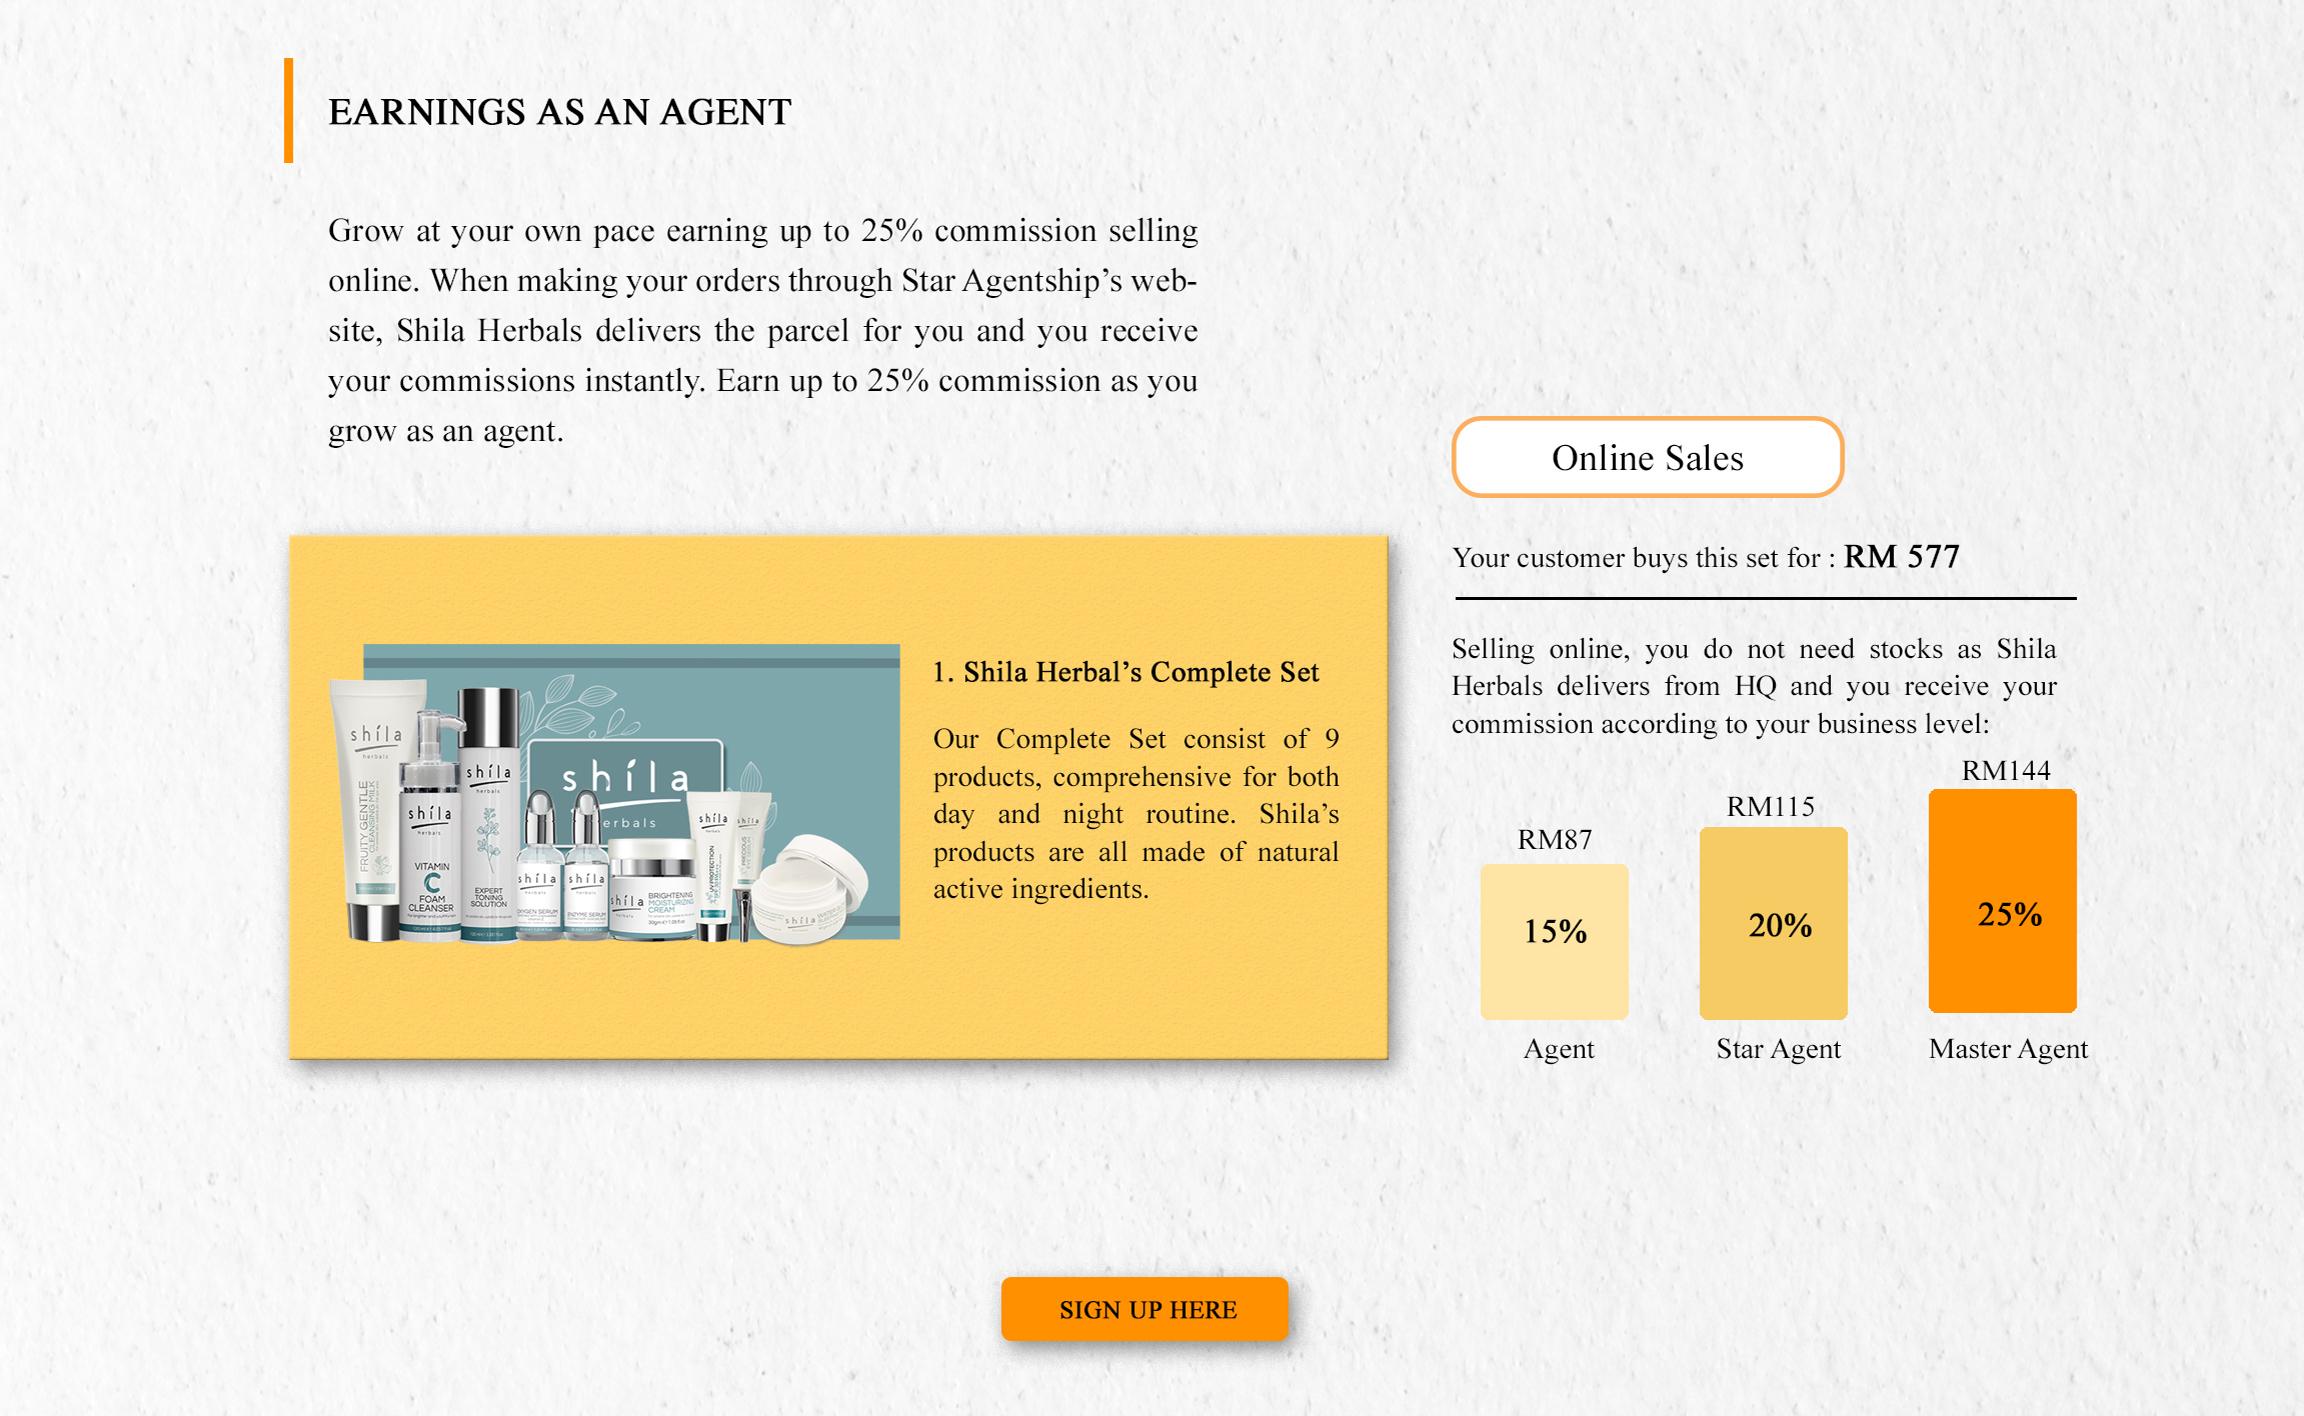 agent-earnings